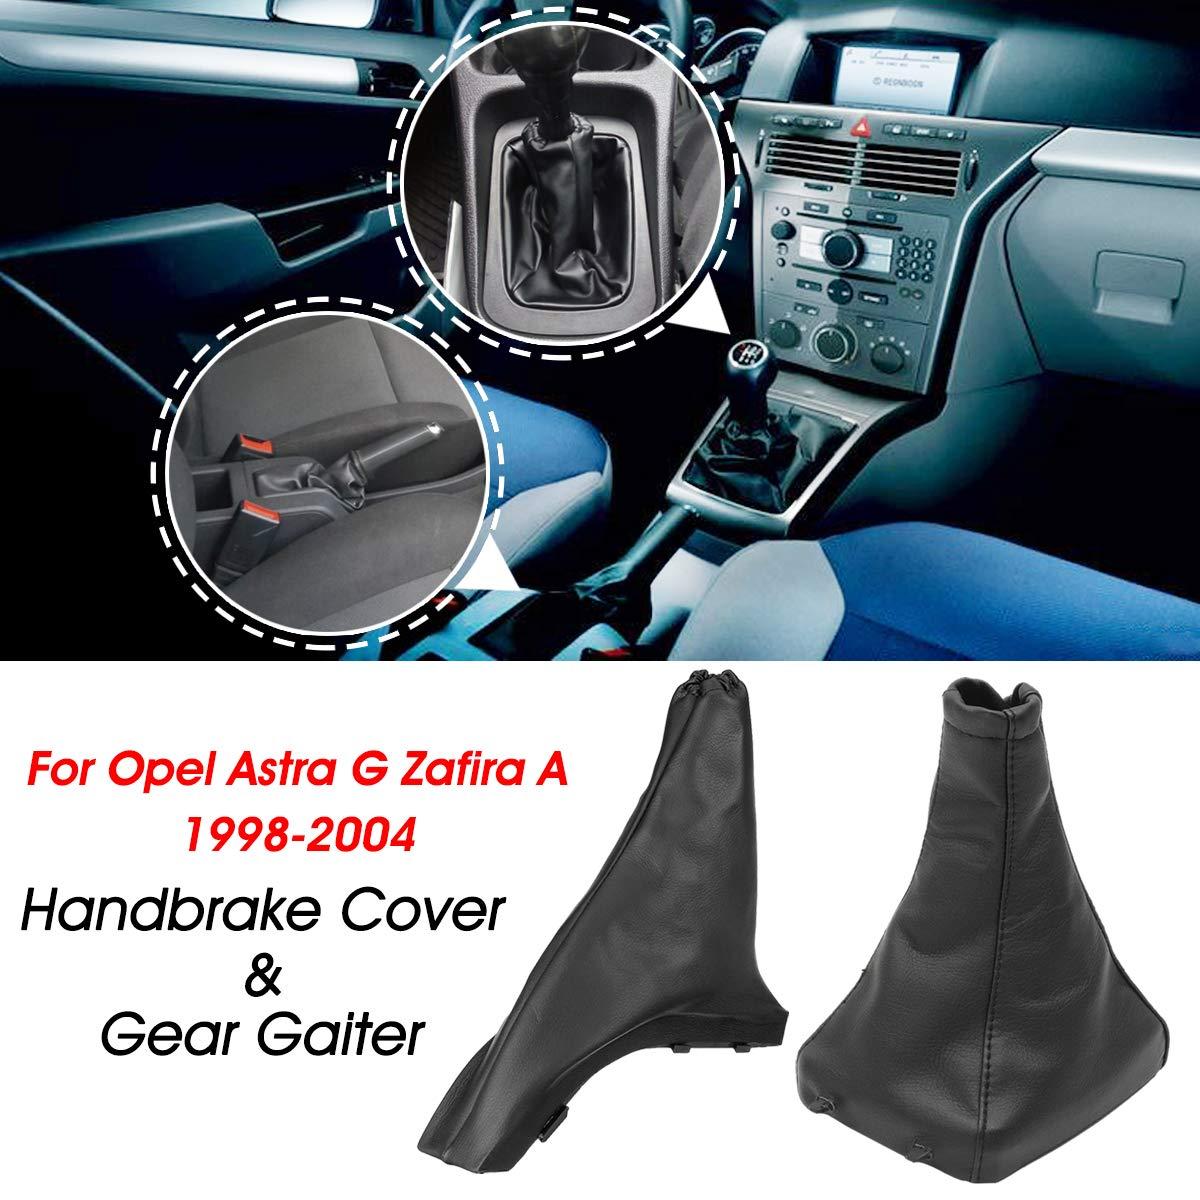 dDanke par de Fundas para Palanca de Cambios y Freno de Mano para Opel Astra G Zafira A 1998-2004